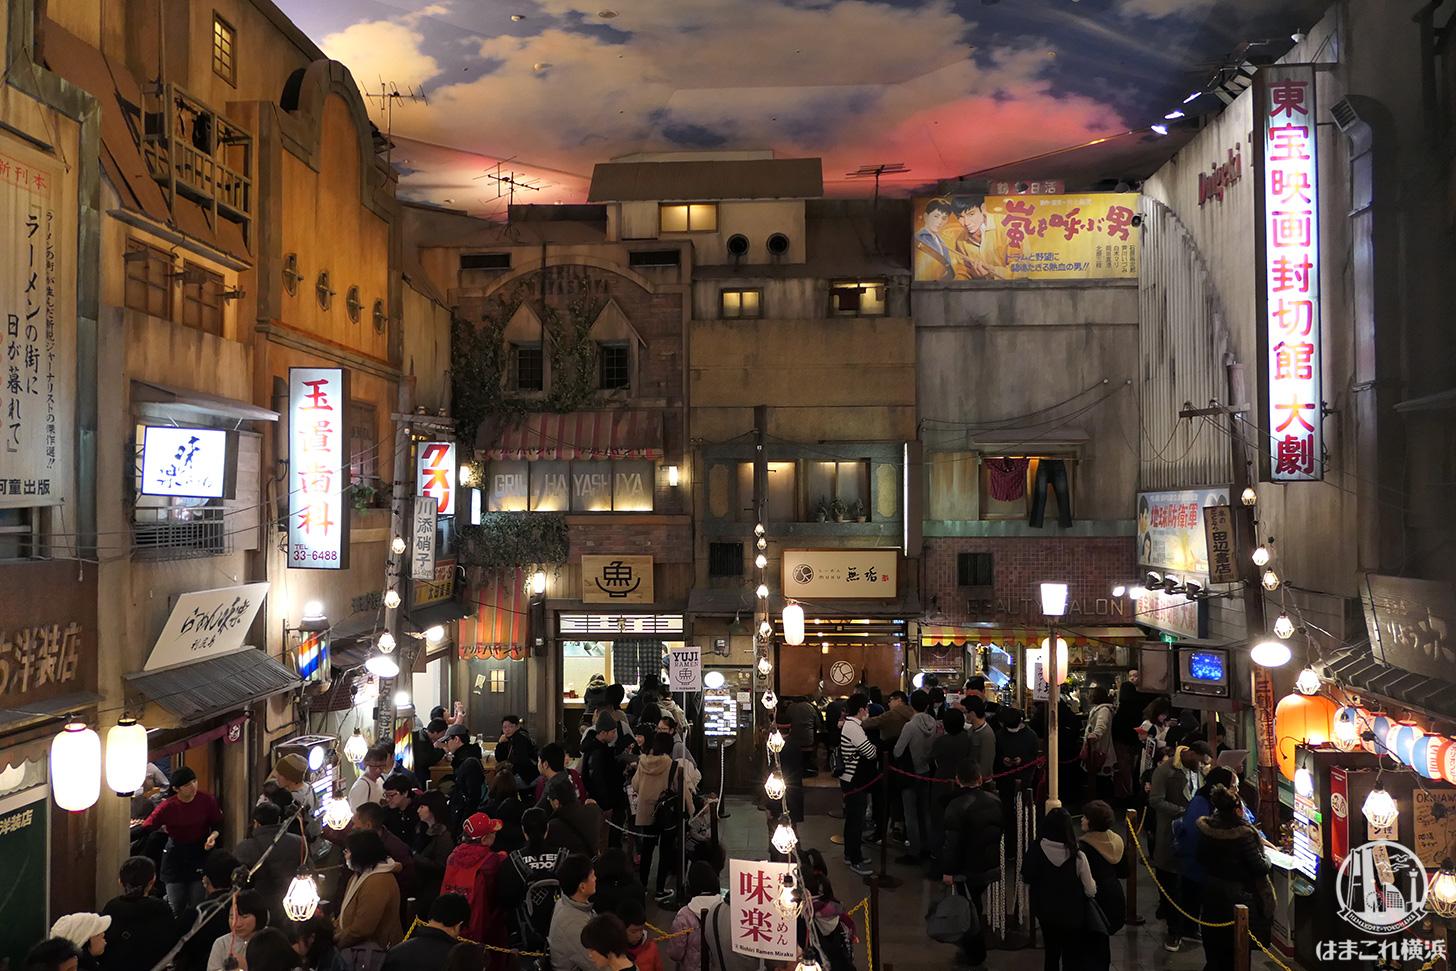 新横浜ラーメン博物館(ラー博)